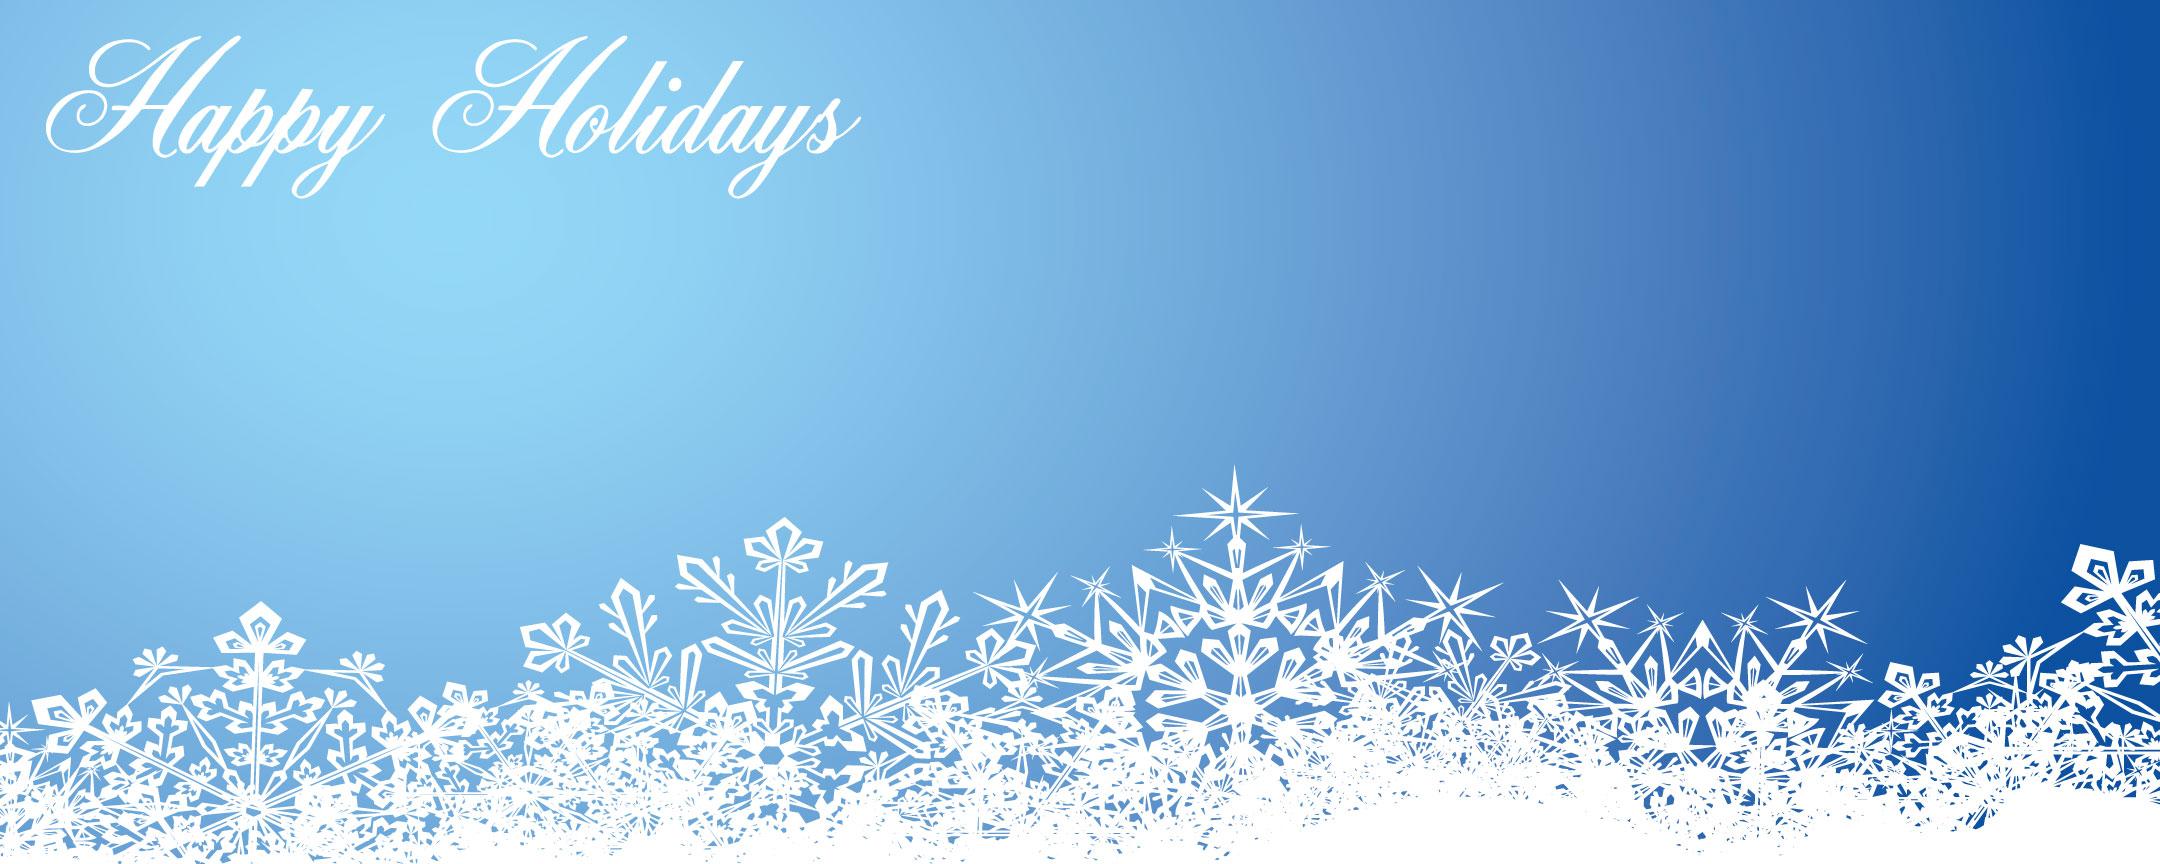 Happy Holiday Designs